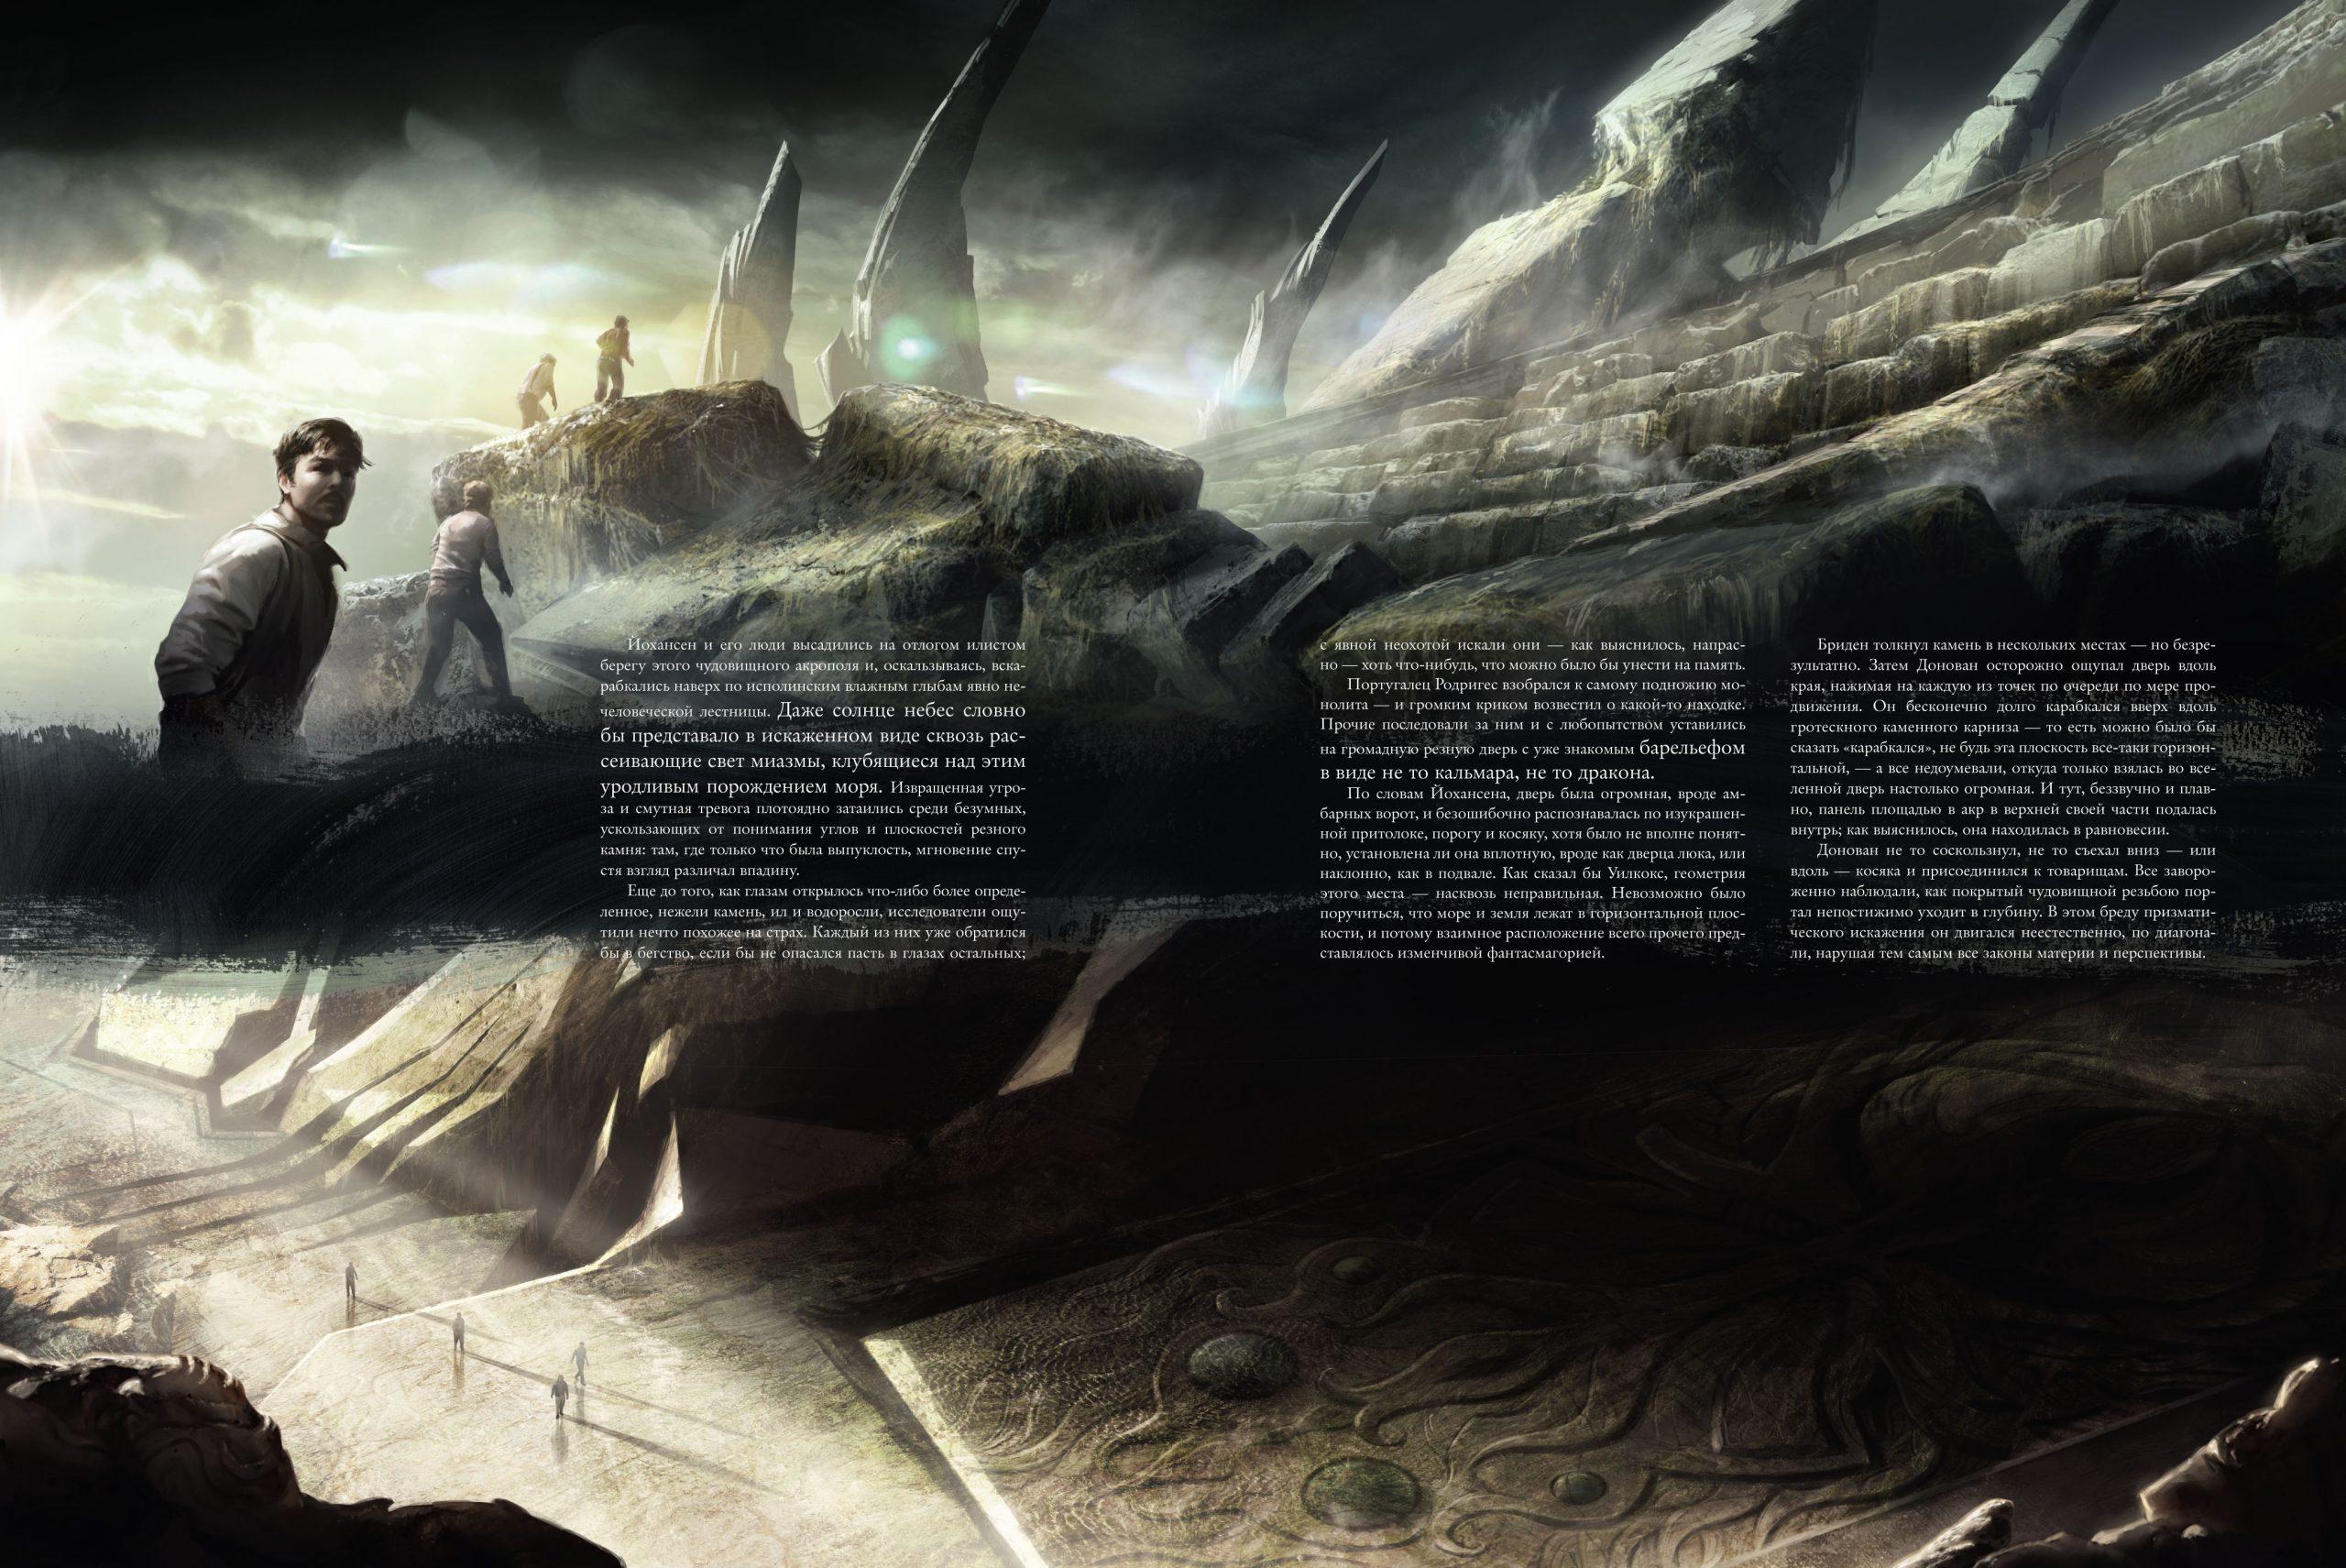 «Не мёртв, кого навек объяла тьма». Фрагменты «Зова Ктулху» силлюстрациями Франсуа Баранже 10